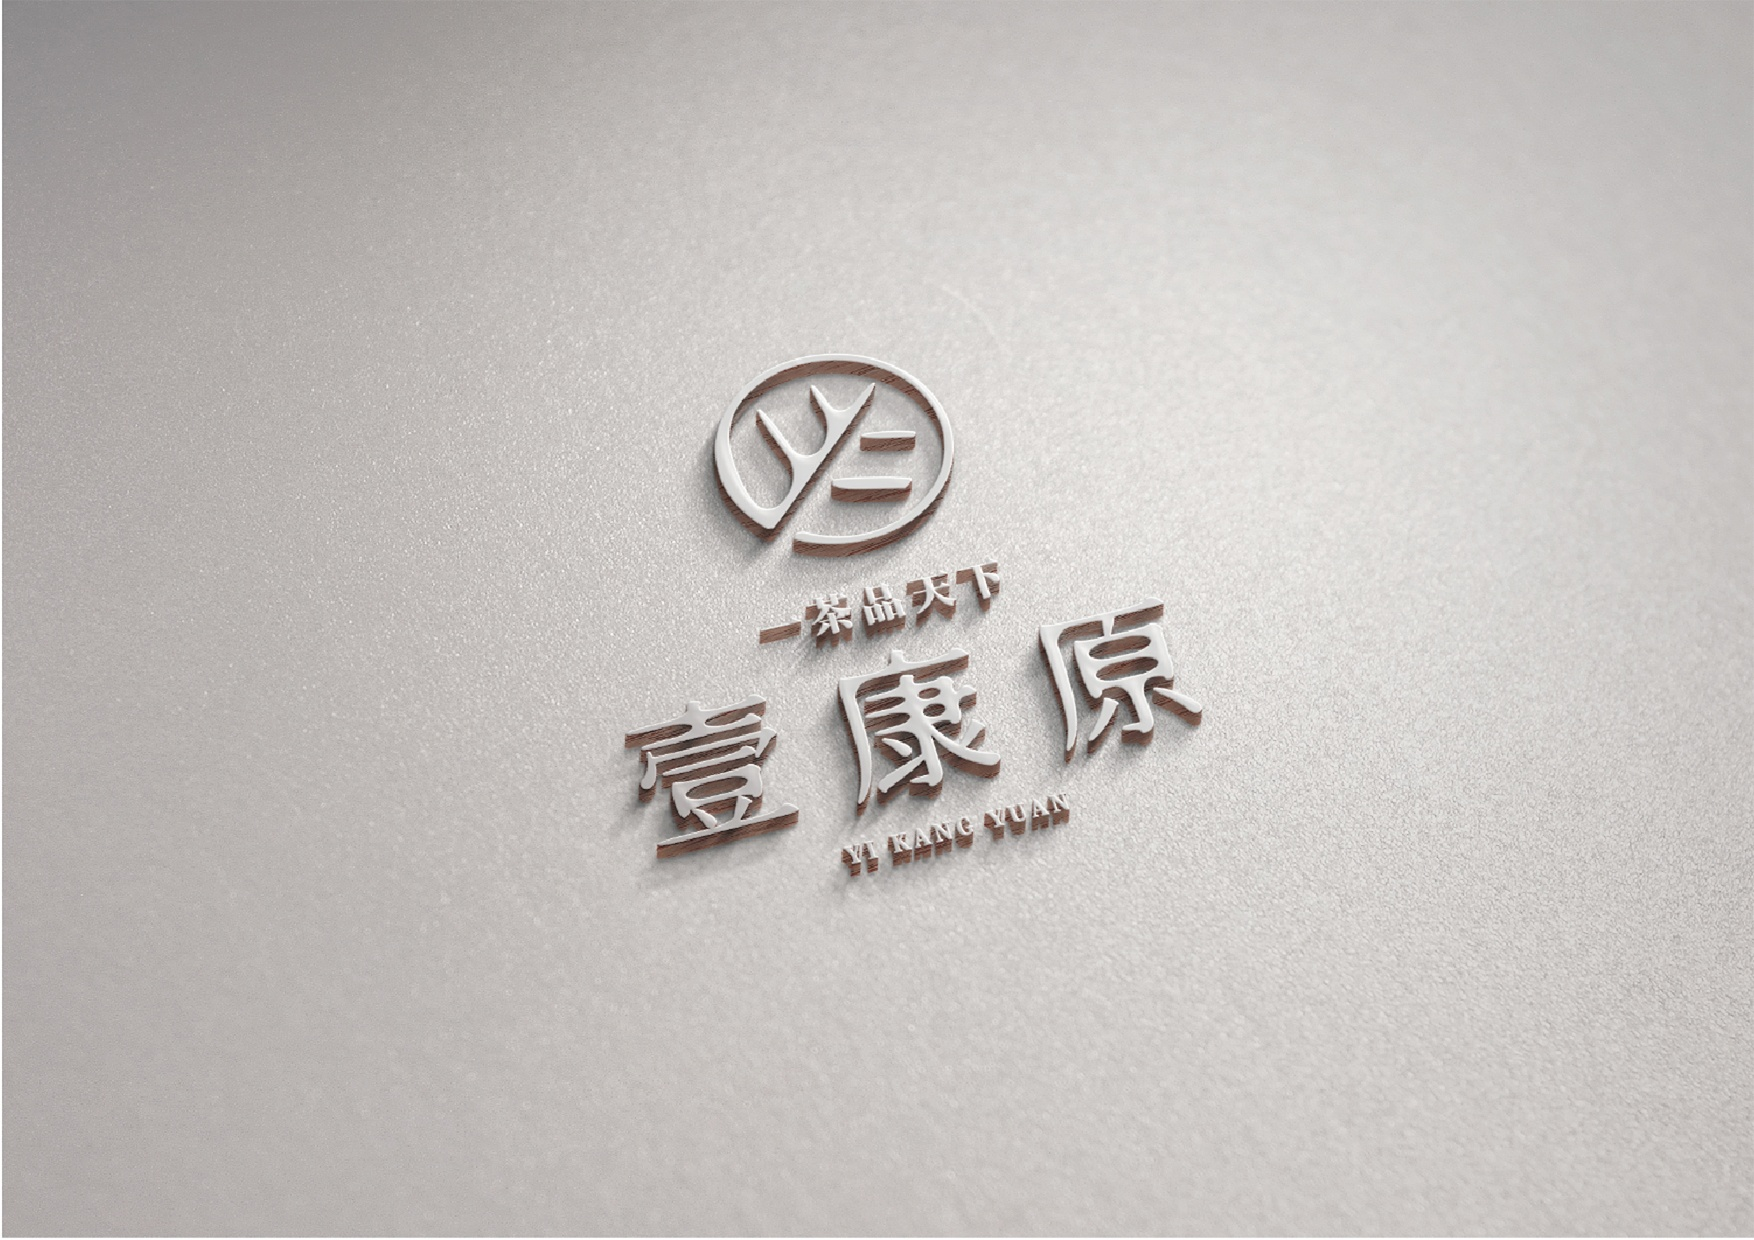 品牌設計-品牌設計公司-品牌規劃-品牌設計公司 台北-品牌設計公司推薦-台北品牌設計-品牌設計師-品牌設計理念-品牌設計費用-品牌設計範例-品牌設計圖-品牌設計流程-品牌設計規劃-品牌規劃設計-品牌設計流程-品牌設計app-品牌設計費用-logo設計-logo設計公司--logo設計價格-logo設計範例-logo設計圖片-logo設計範例-logo設計規範-logo設計樣式-logo設計圖-logo設計師-logo設計公司推薦-logo設計圖片-logo設計流程-logo設計意思-logo設計概念-logo設計參考